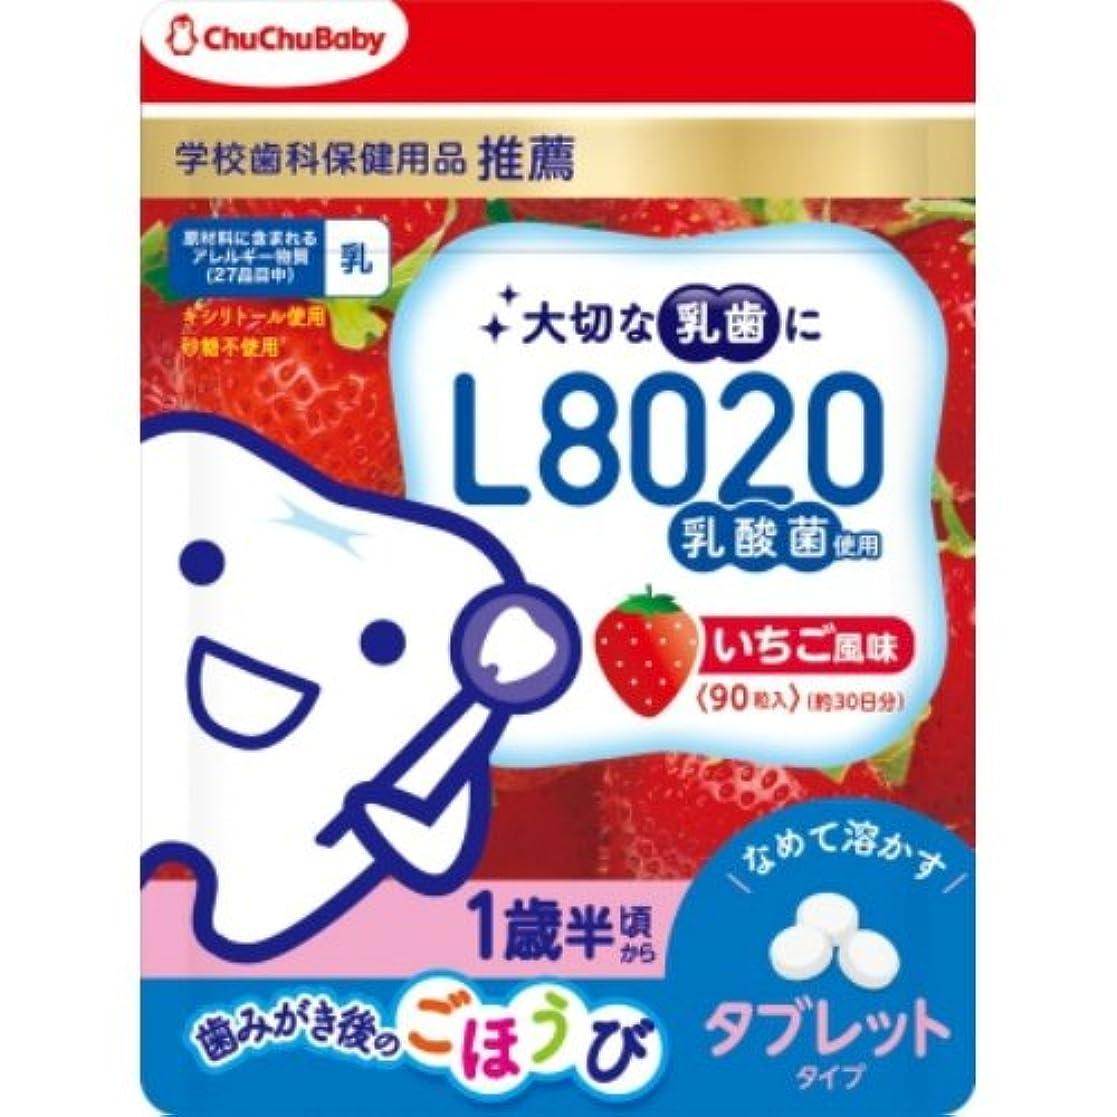 小競り合いポテトアミューズメントL8020乳酸菌チュチュベビータブレットいちご風味 × 5個セット